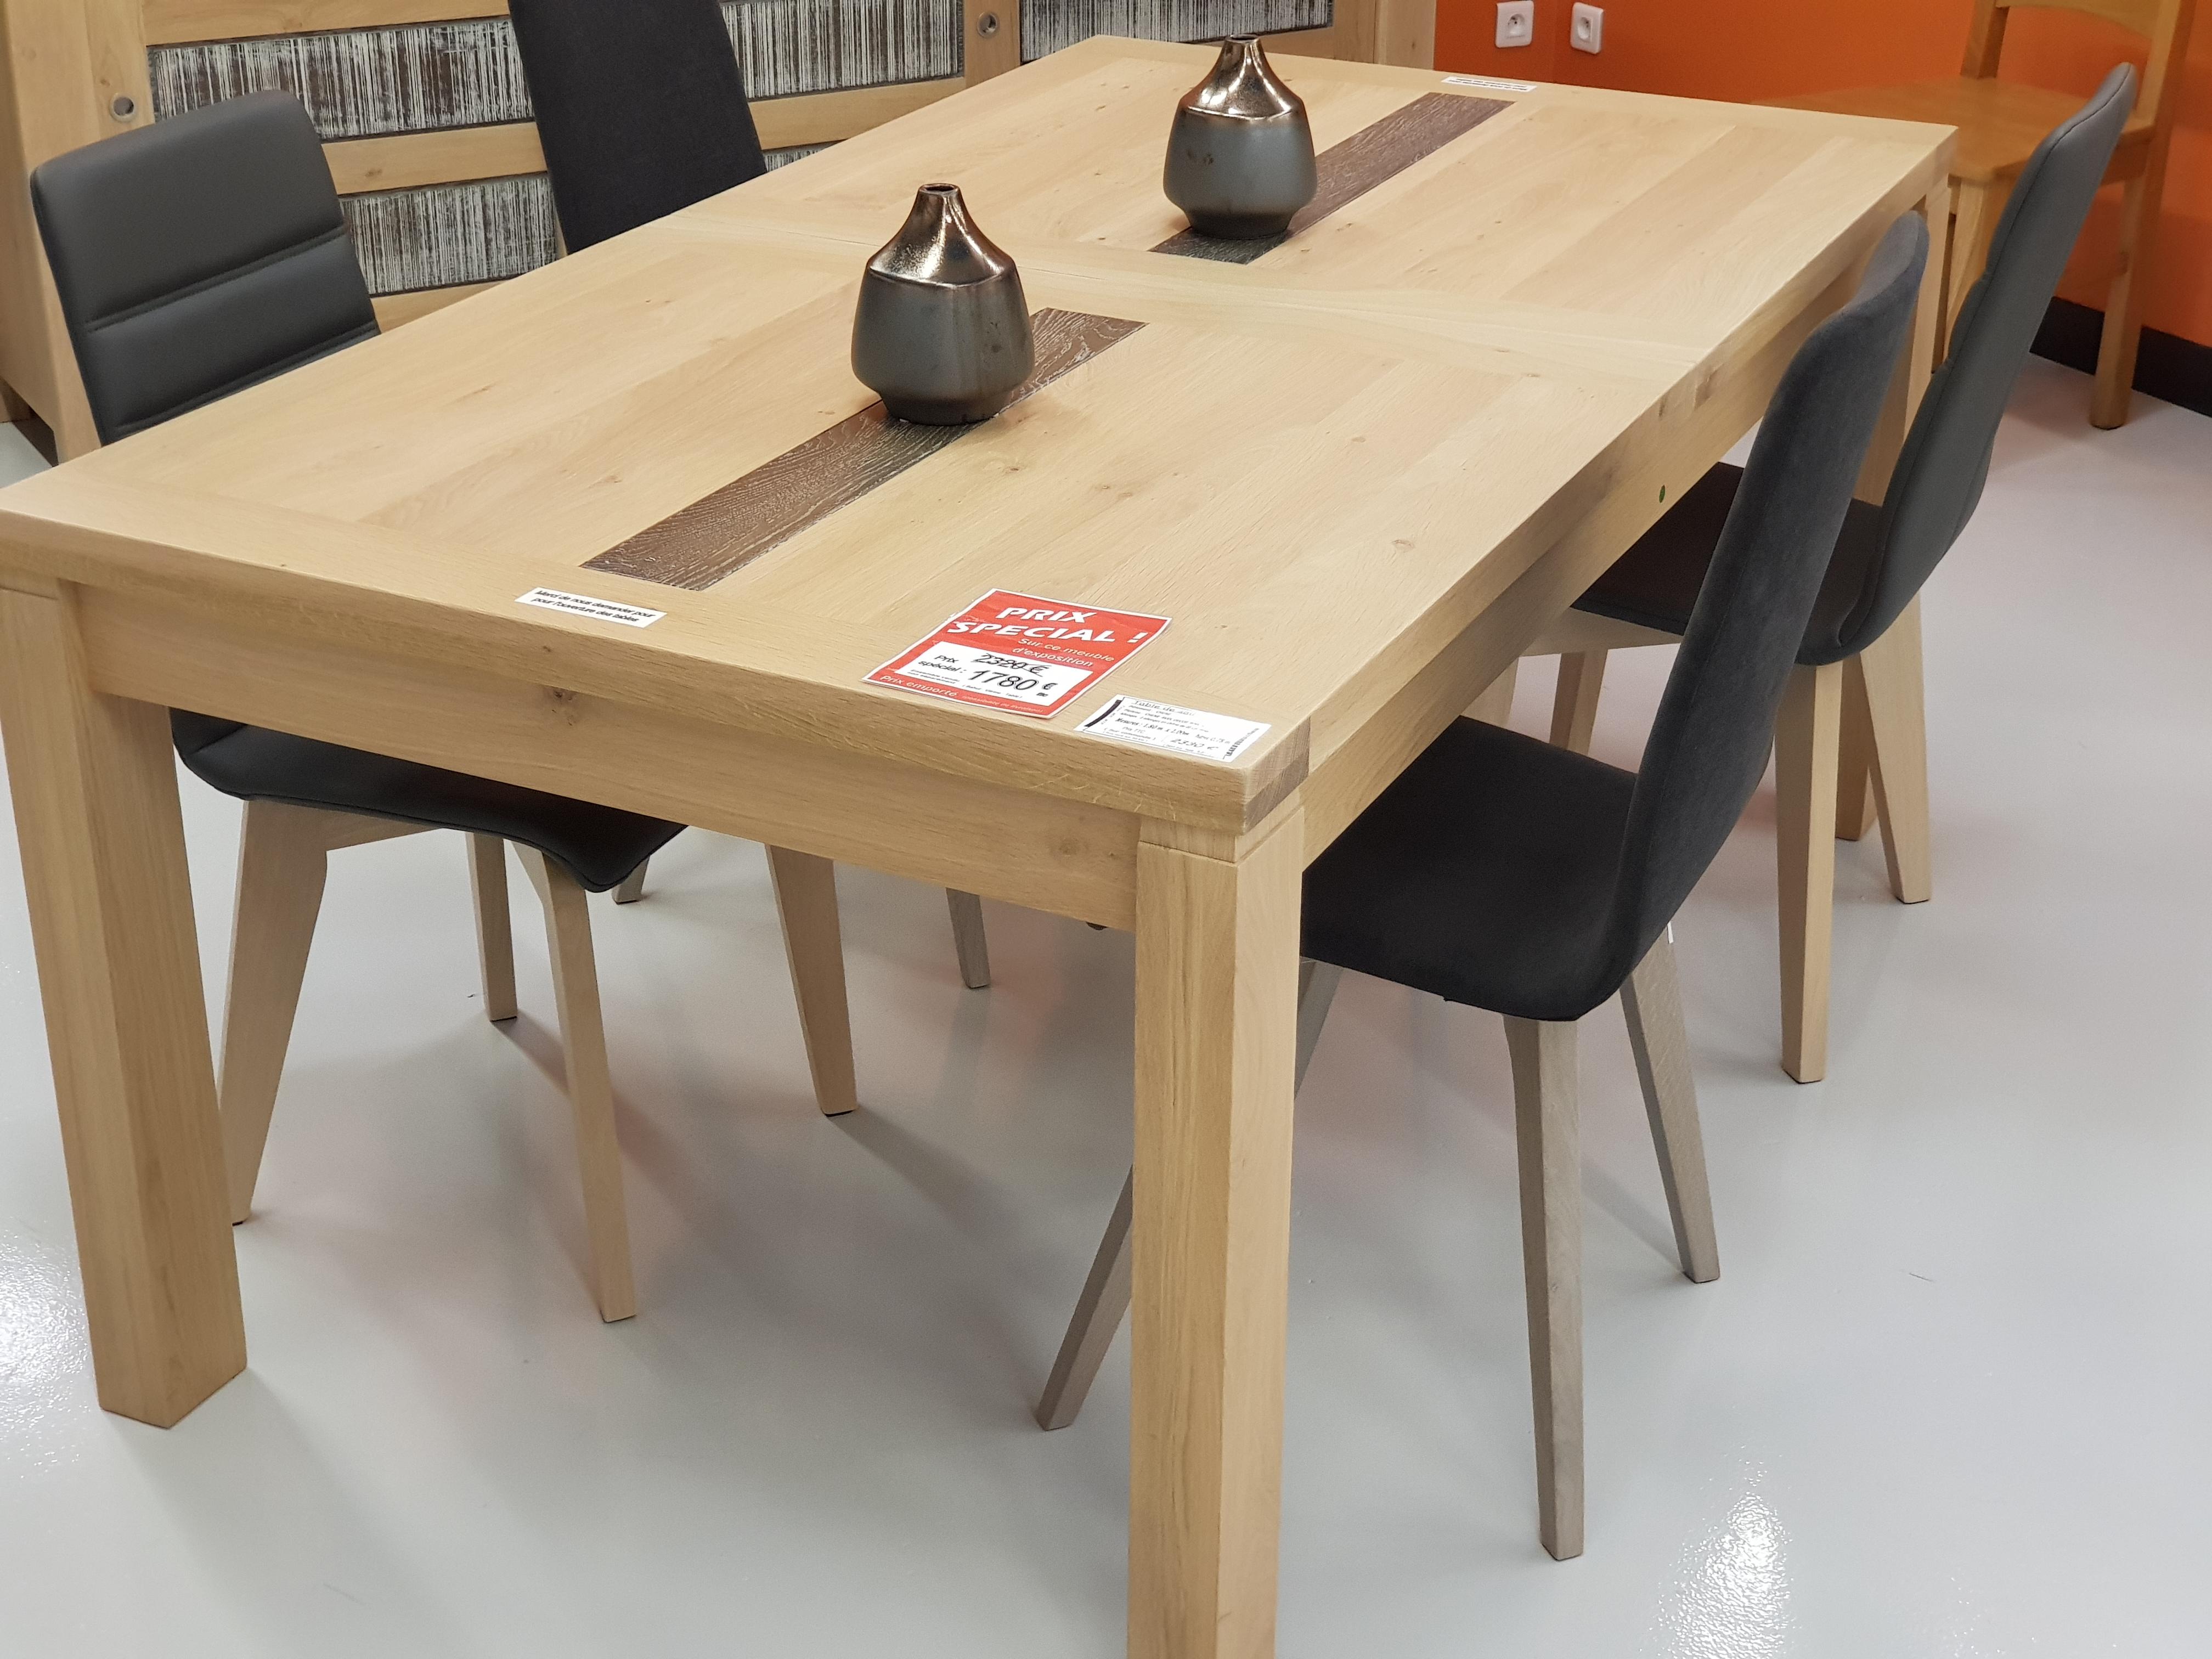 Table avec 2 allonges en ch ne disponible prix sp cial - Table de salle a manger en chene ...